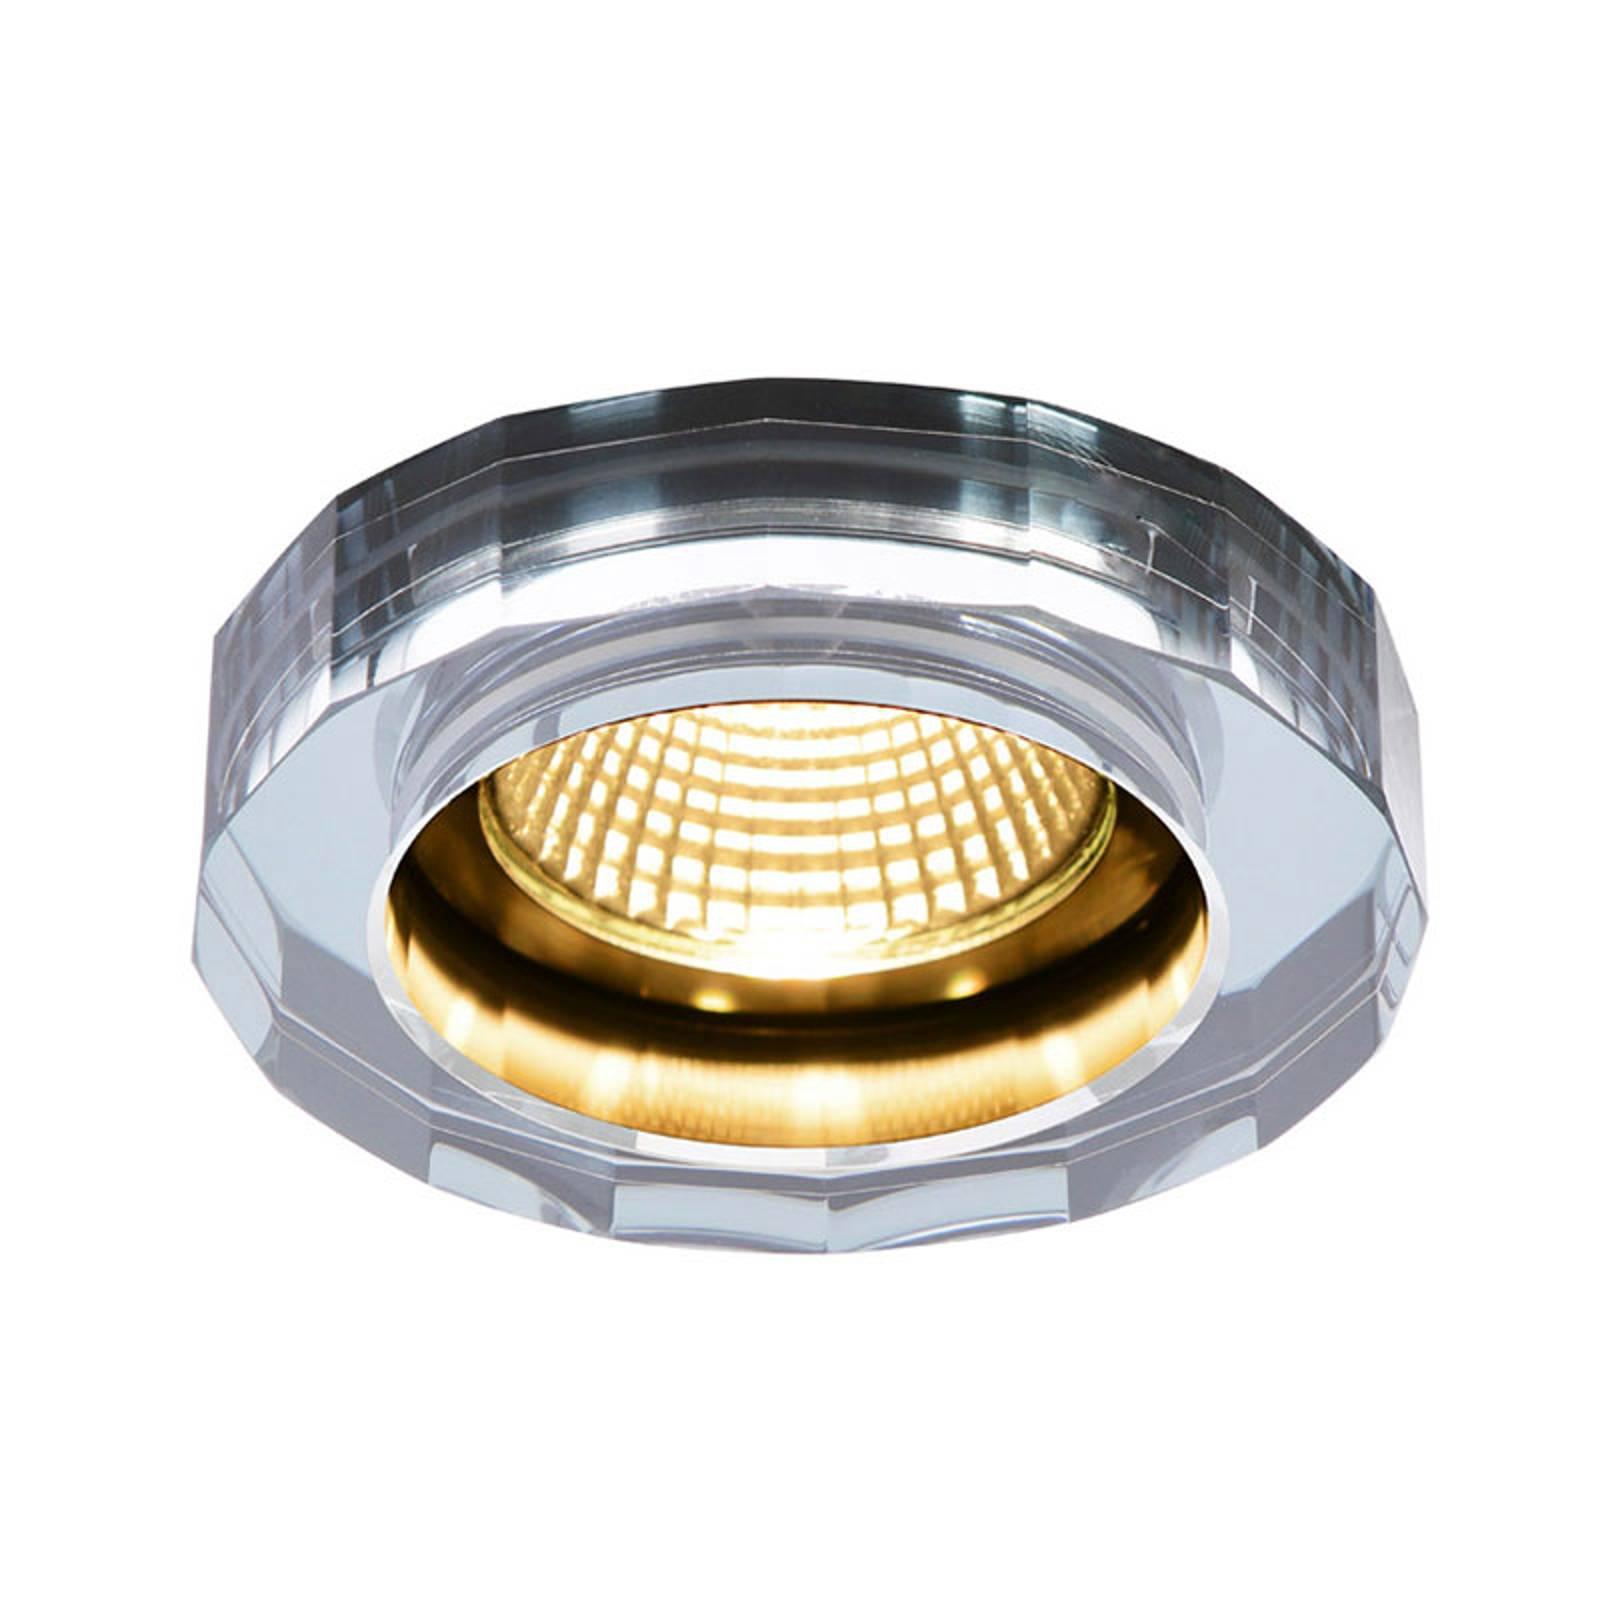 SLV Crystal LED inbouwspot dim to warm, chroom